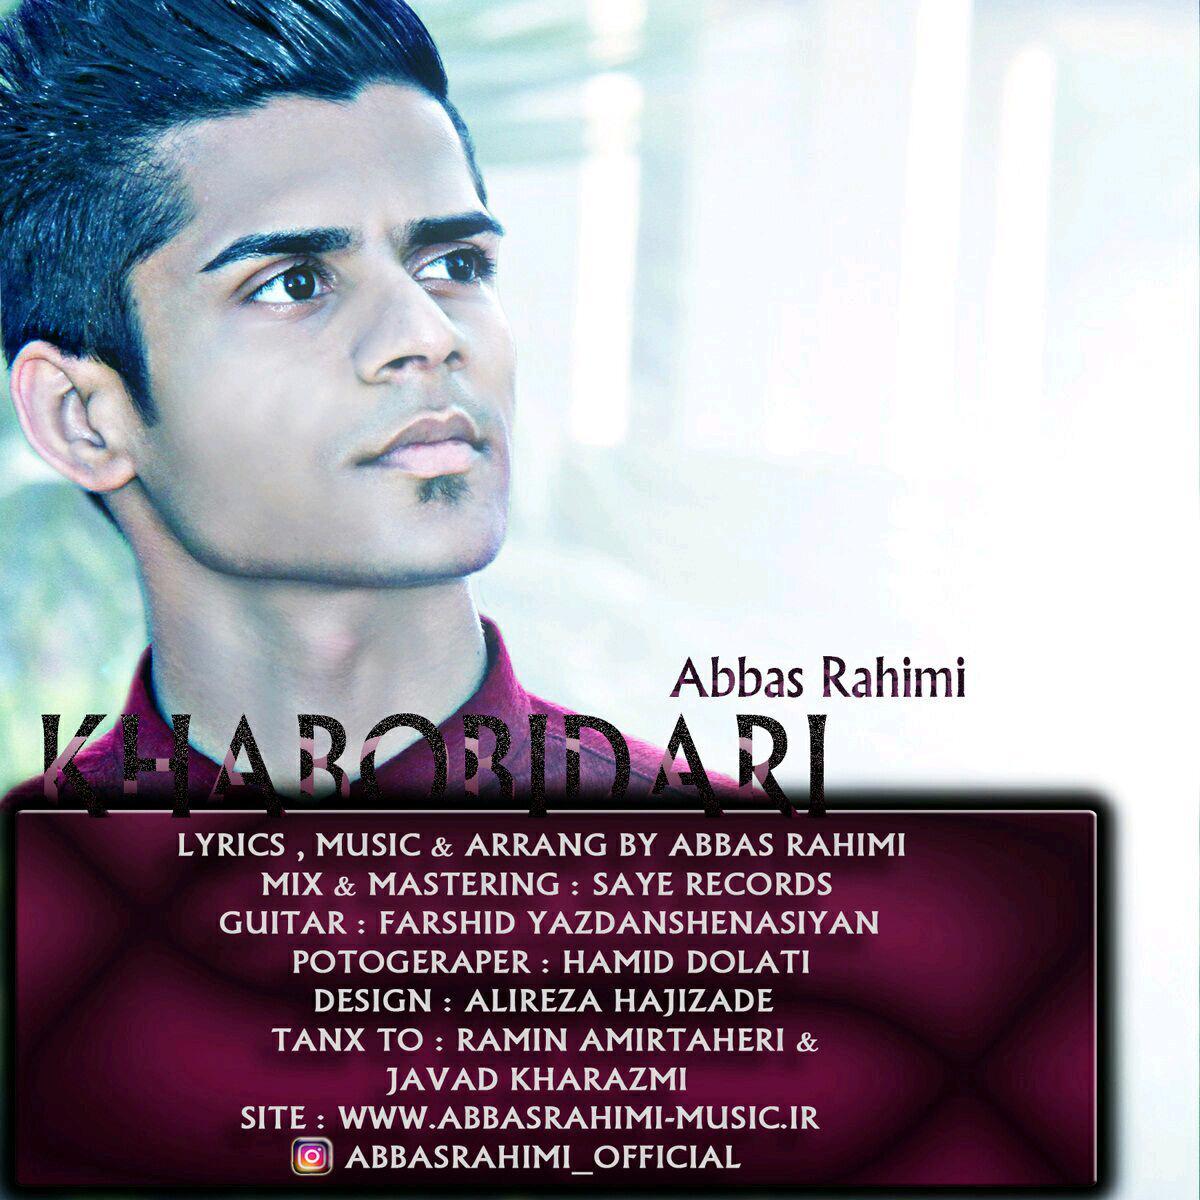 دانلود موزیک جدید عباس رحیمی به نام خواب و بیداری